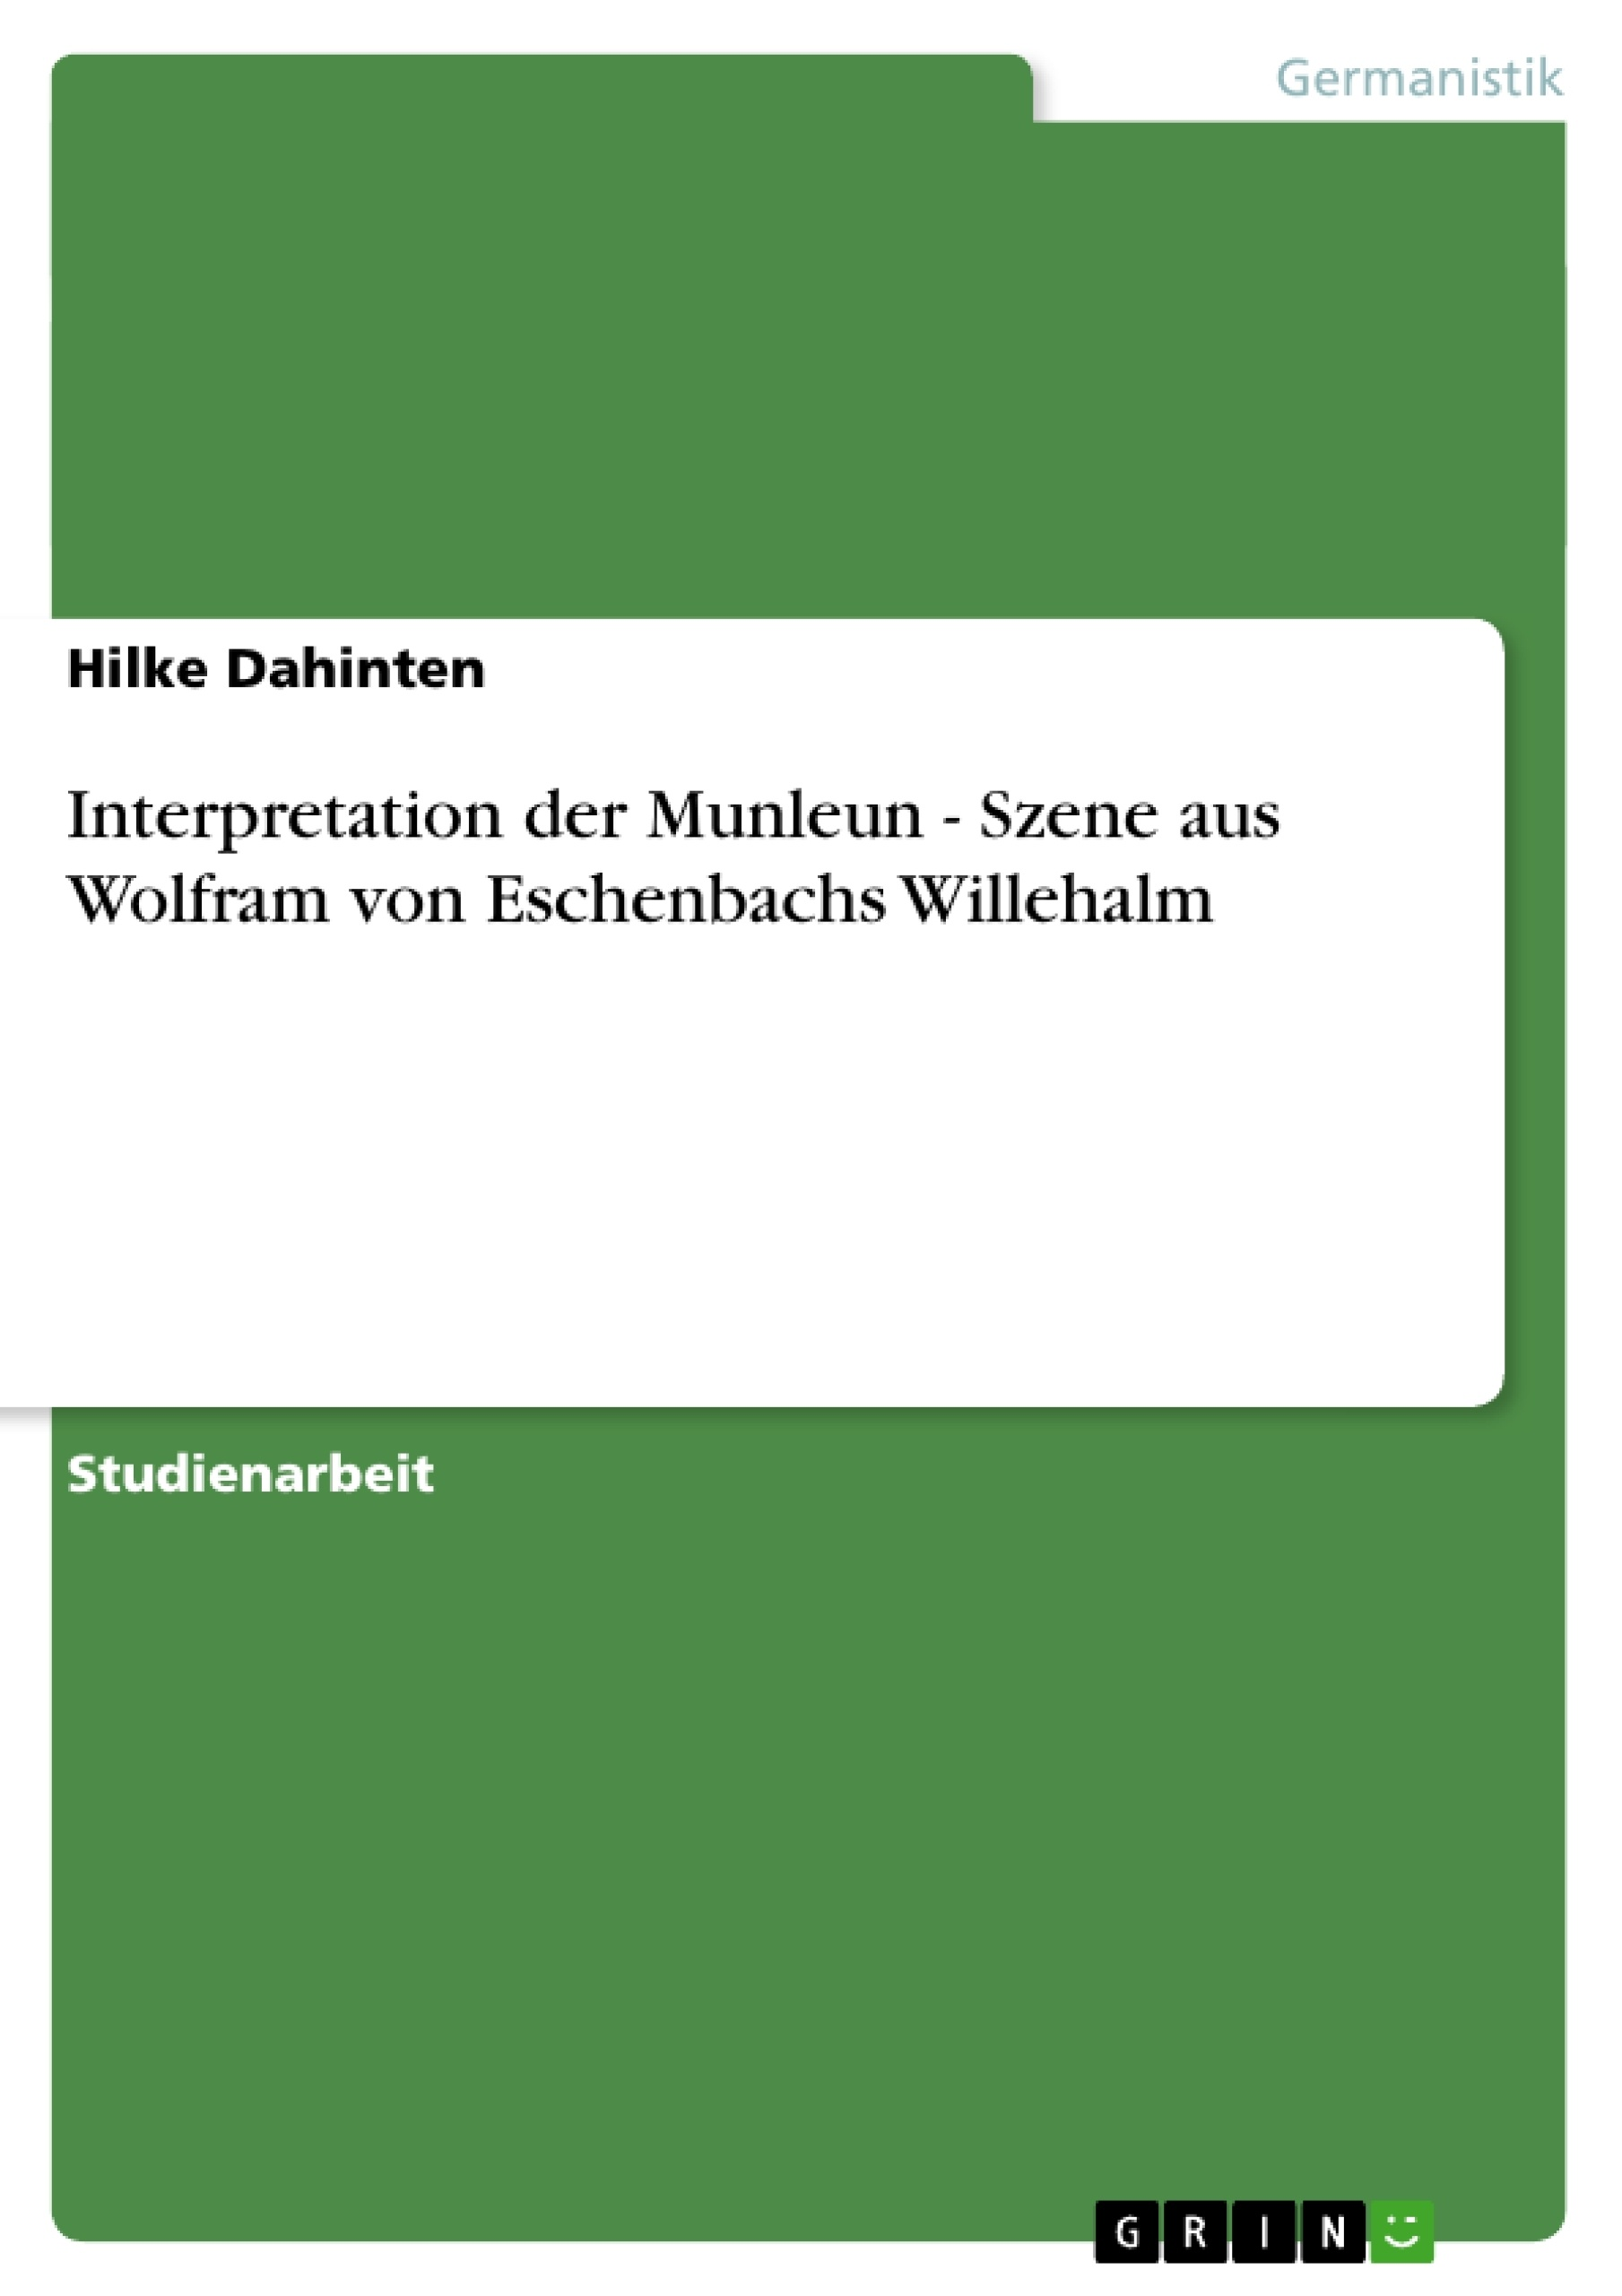 Titel: Interpretation der Munleun - Szene aus Wolfram von Eschenbachs Willehalm